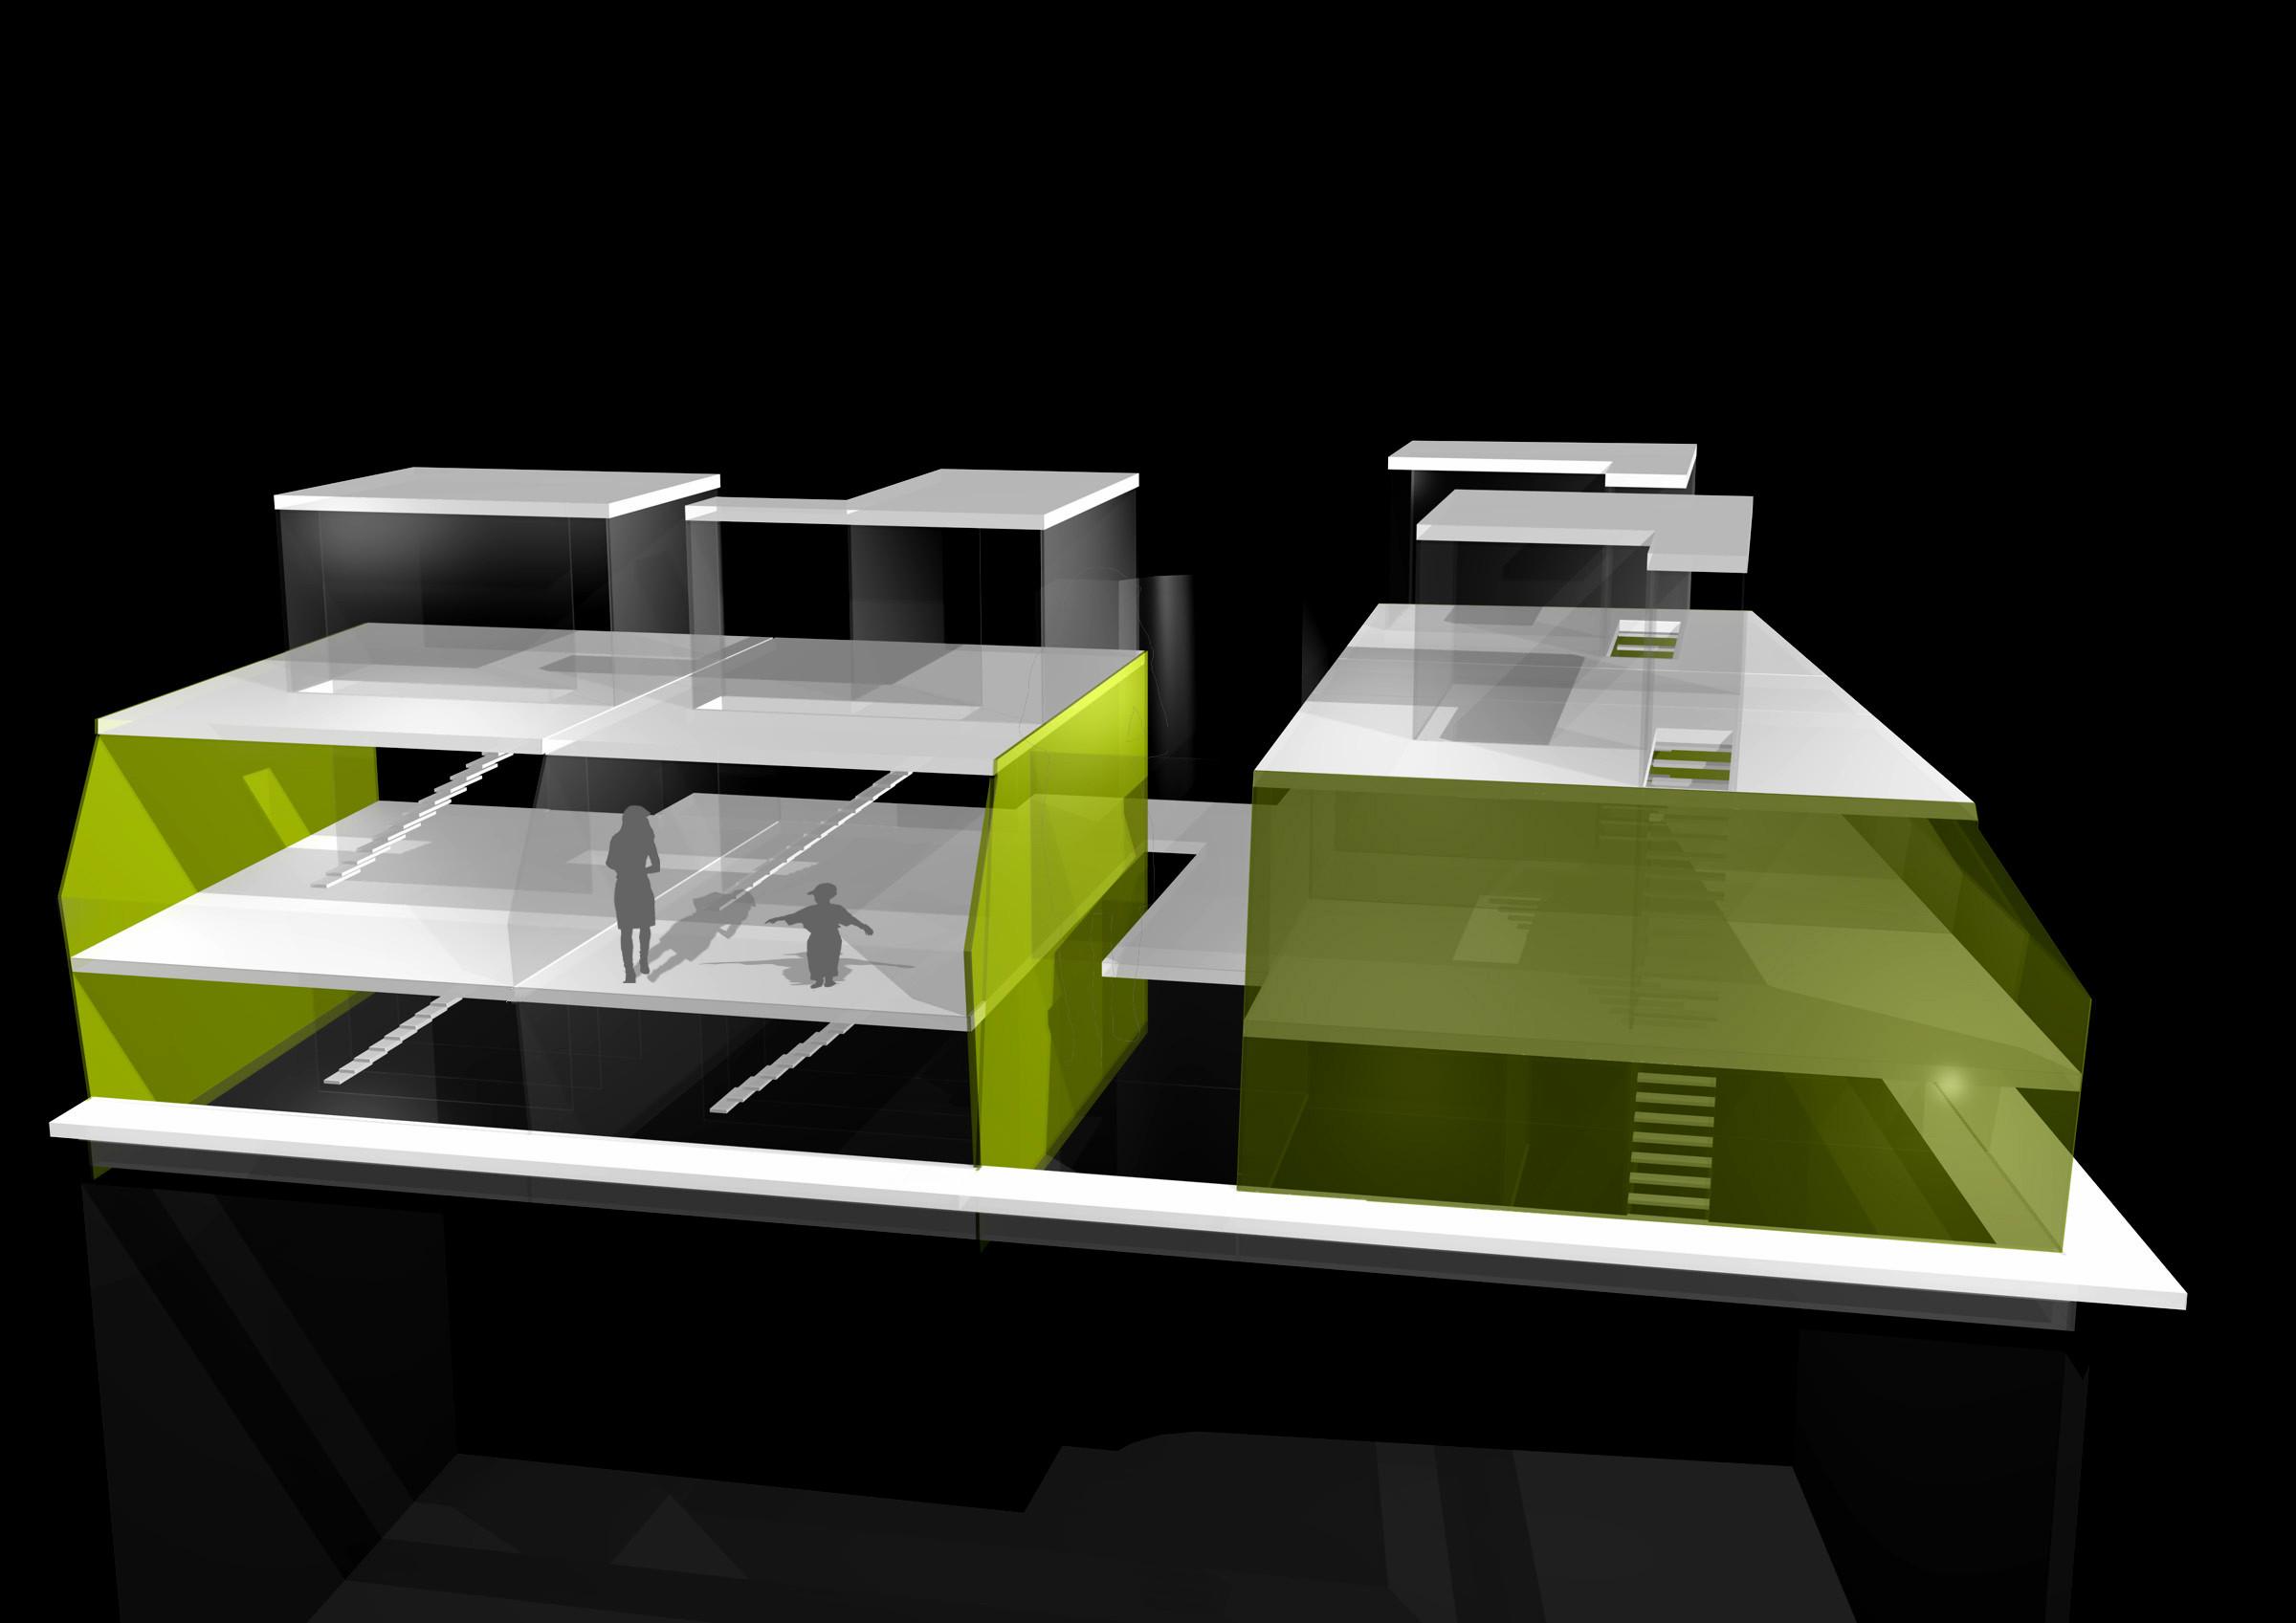 <p>© RUNSER / PRANTL architekten, Wohnhaus Sanierung und Aufstockung, 1020 Wien, Österreich, 2004, Dachbodenausbau, Wohnhaus</p>